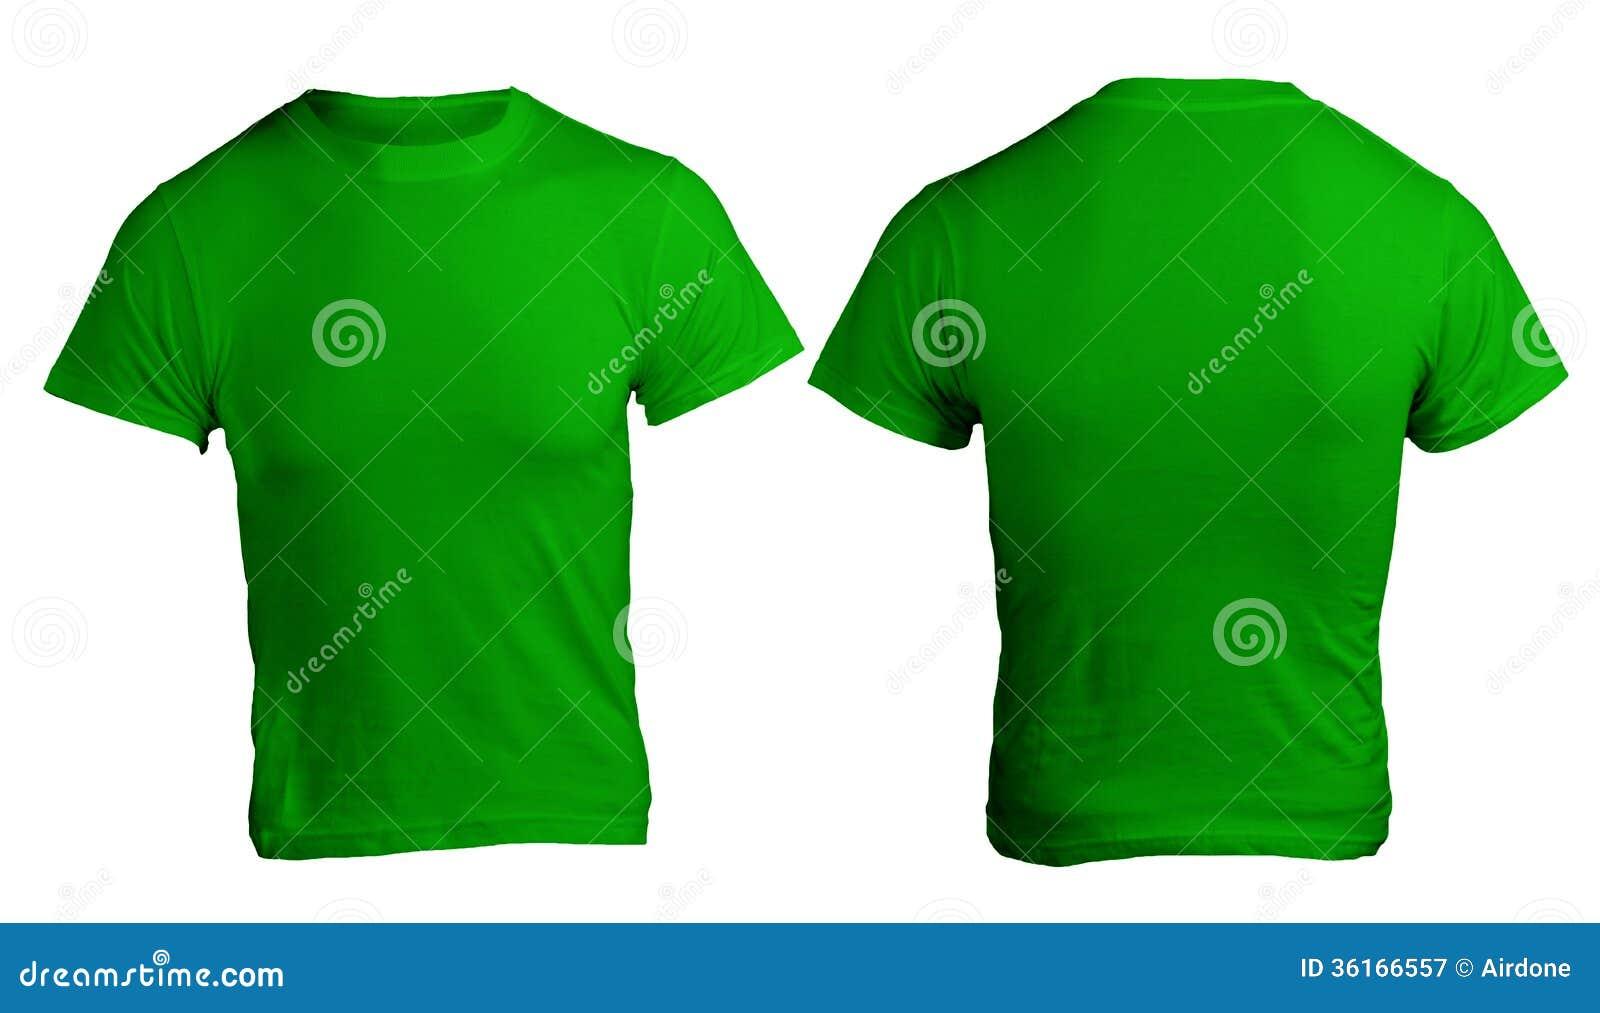 Shirt design green - Men S Blank Green Shirt Template